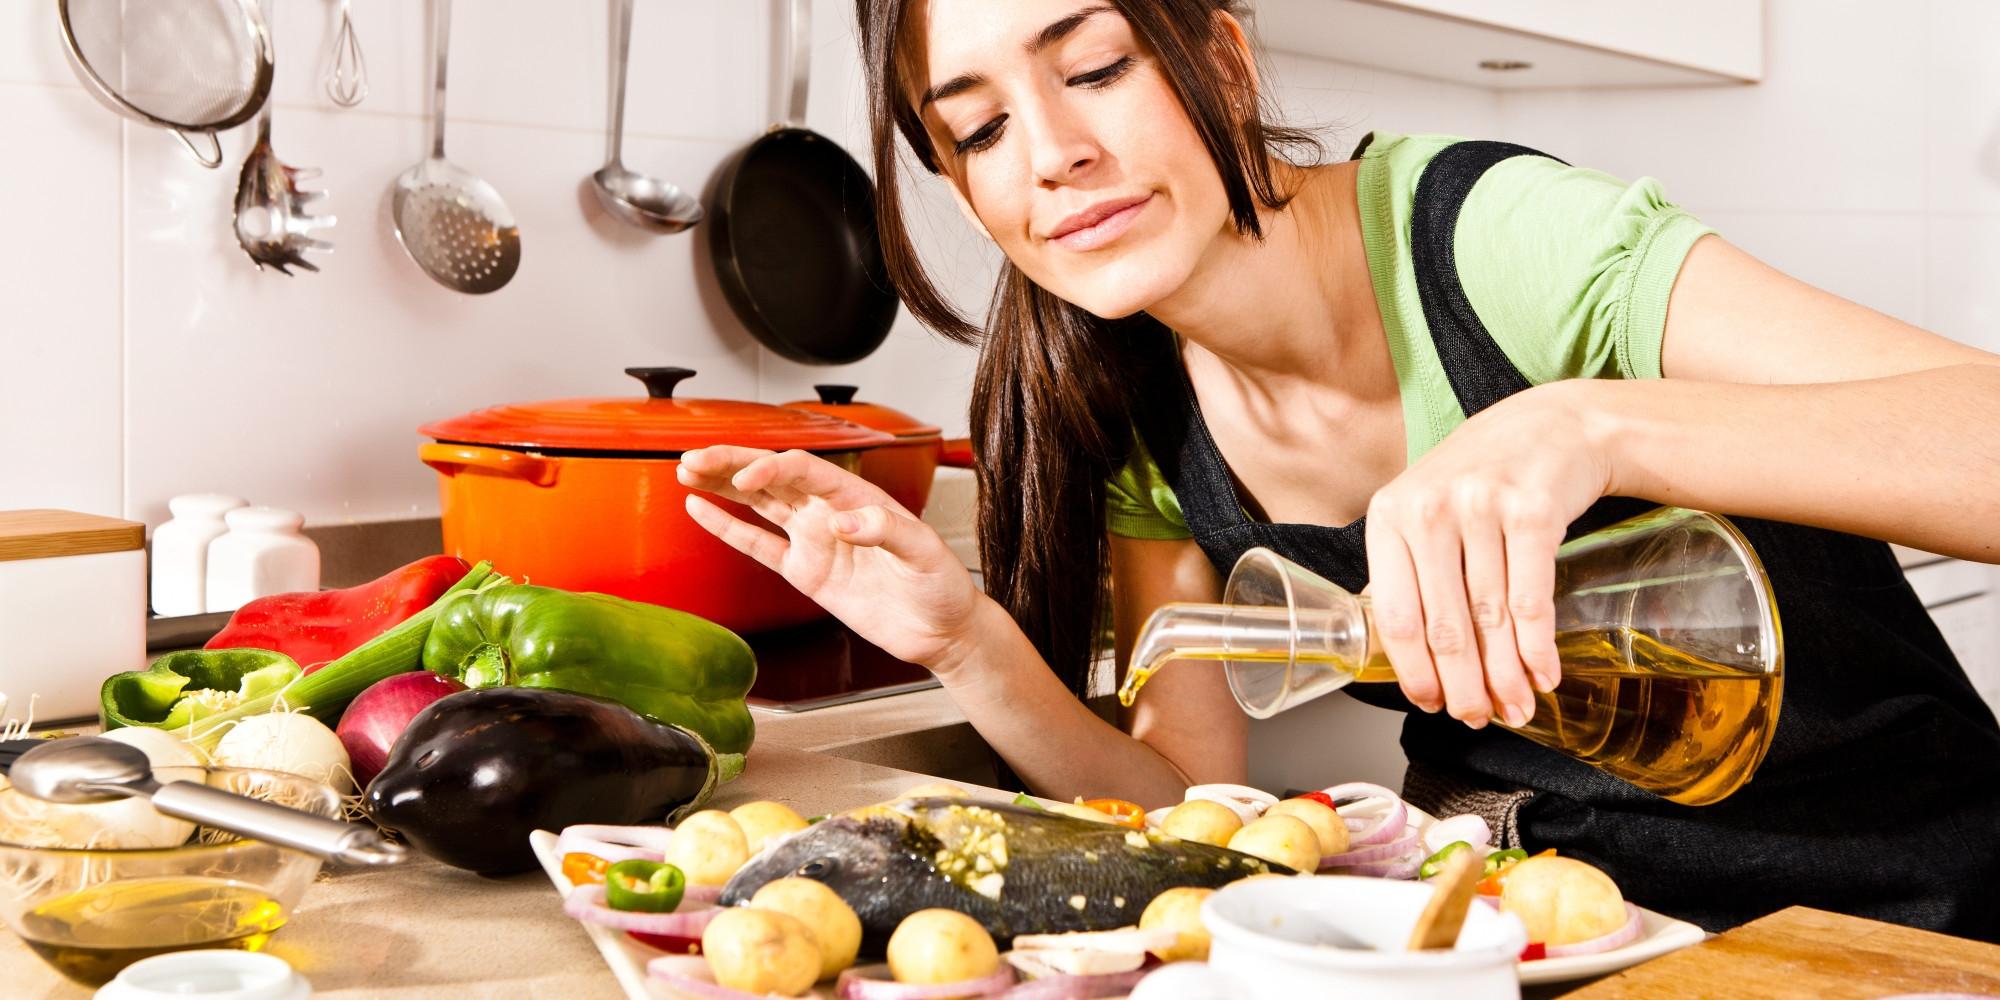 Диета (питание) при мастопатии: что нужно всегда кушать и какие продукты нельзя есть?